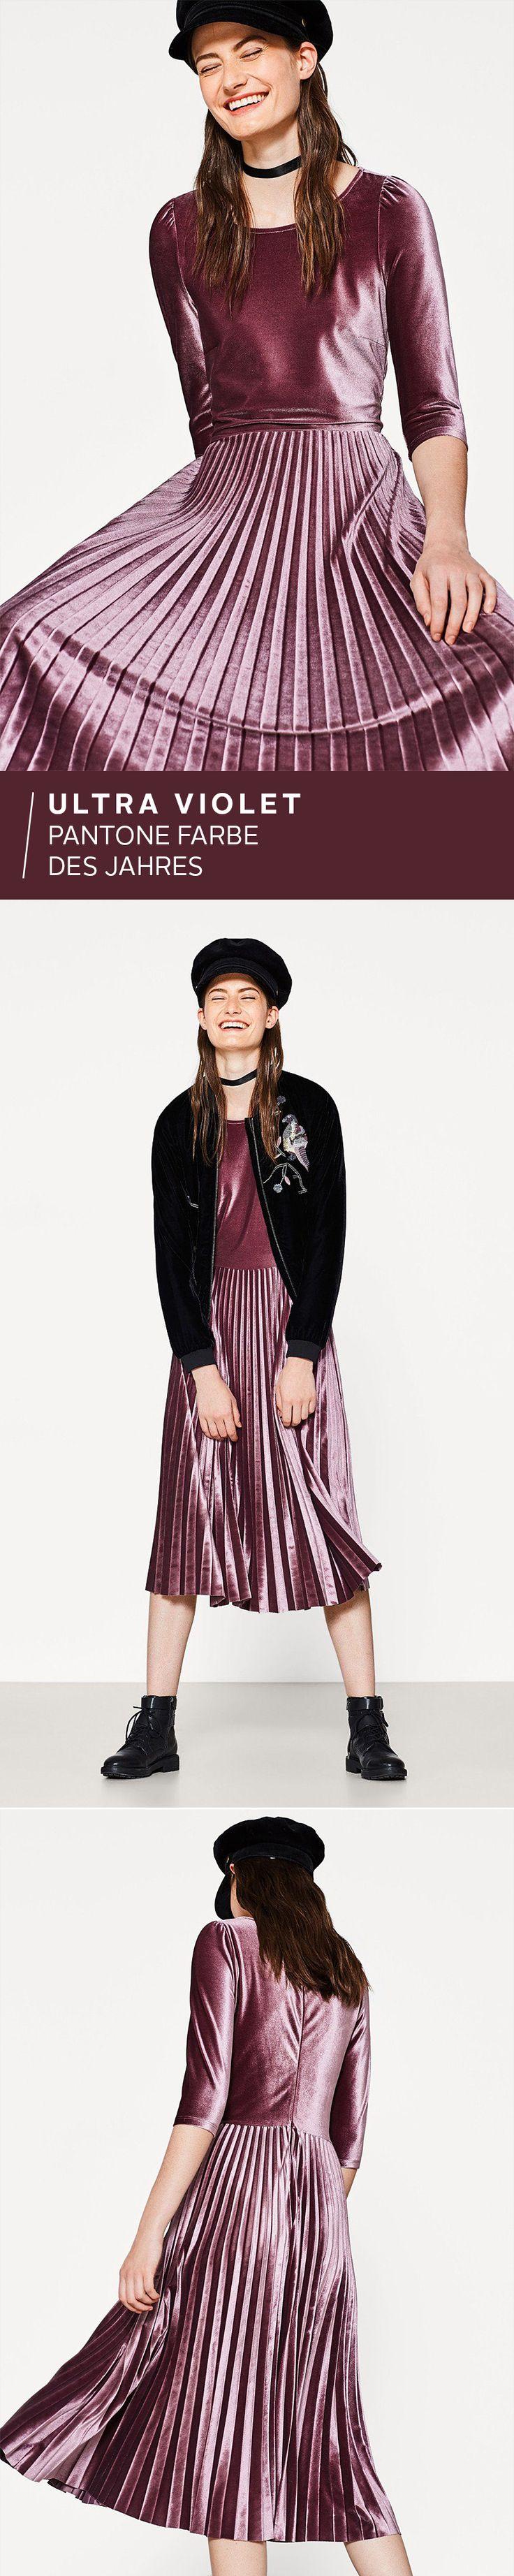 Ultra Violet ist die Pantonefarbe des Jahres – und was für eine! Das Rot-Blau ist wie gemacht für faszinierende Kleider: Das Kleid aus Stretch mit dem Plisseerock kommt aus der Esprit Kollektion und ist dein Highlight-Piece für die großen Auftritte! Ultra schön!